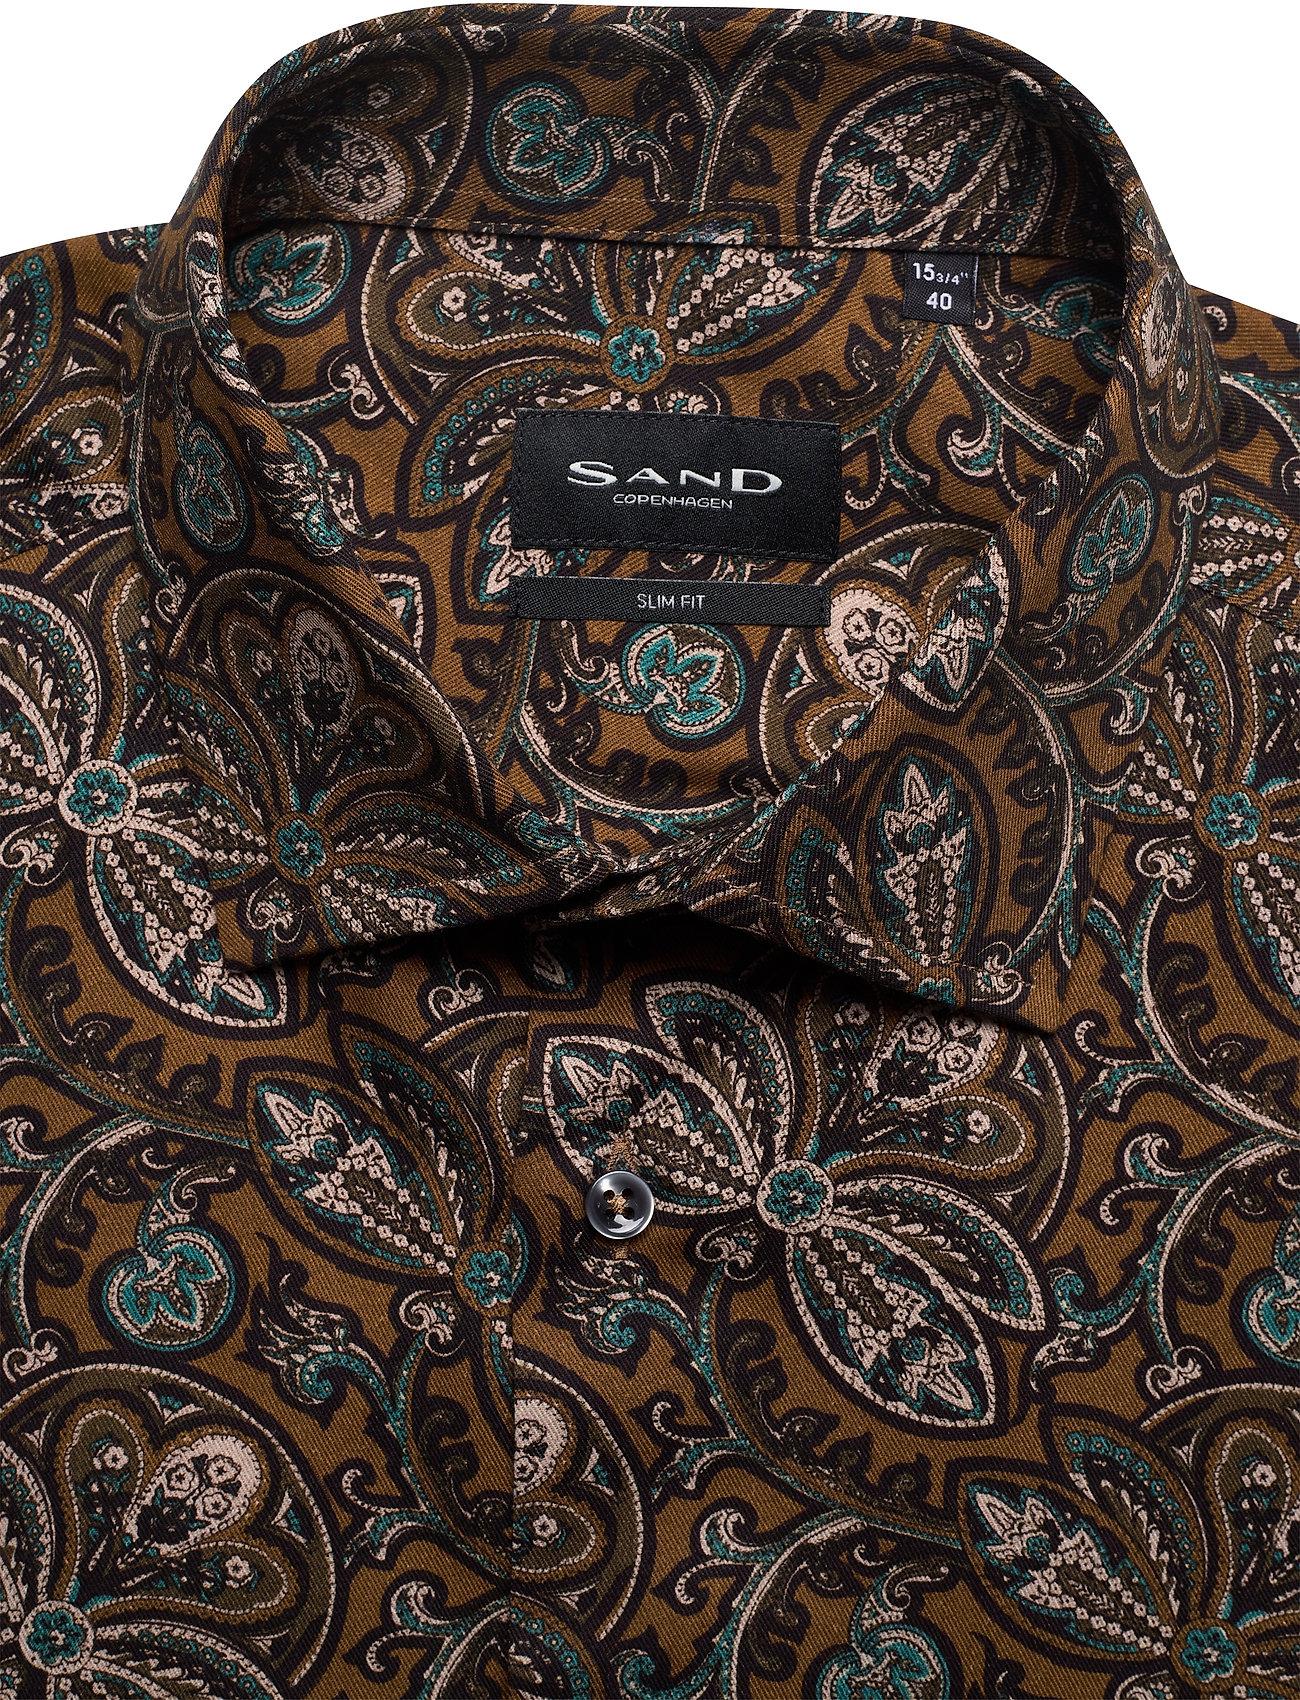 SAND 8663 - Iver 2 - Skjorter OLIVE/KHAKI - Menn Klær